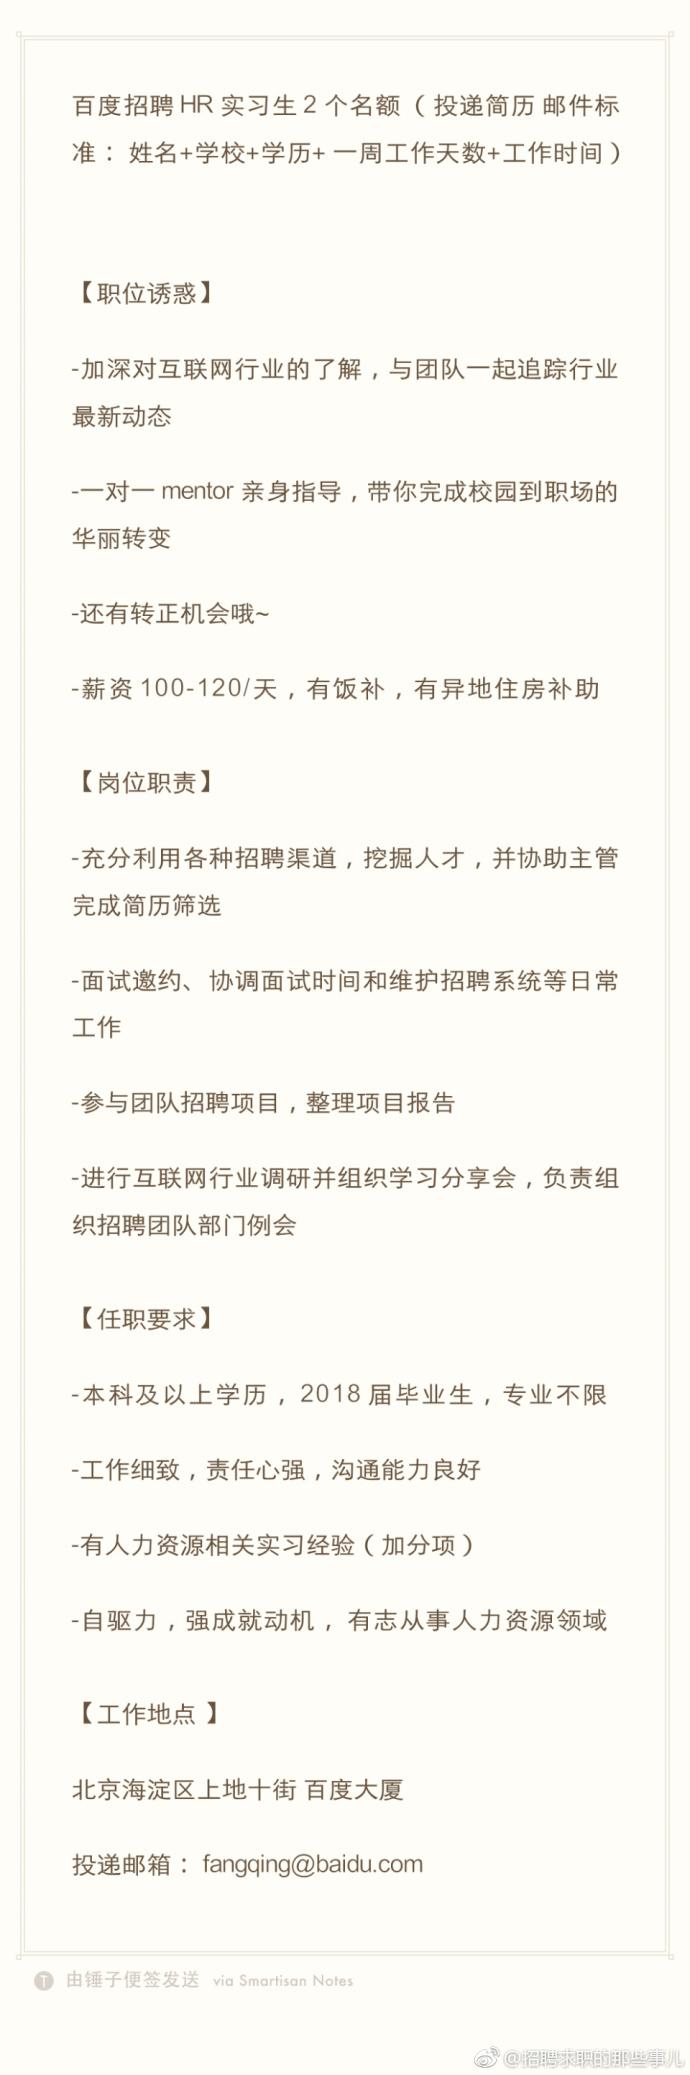 百度招聘HR实习生,工作地点北京百度大厦。 